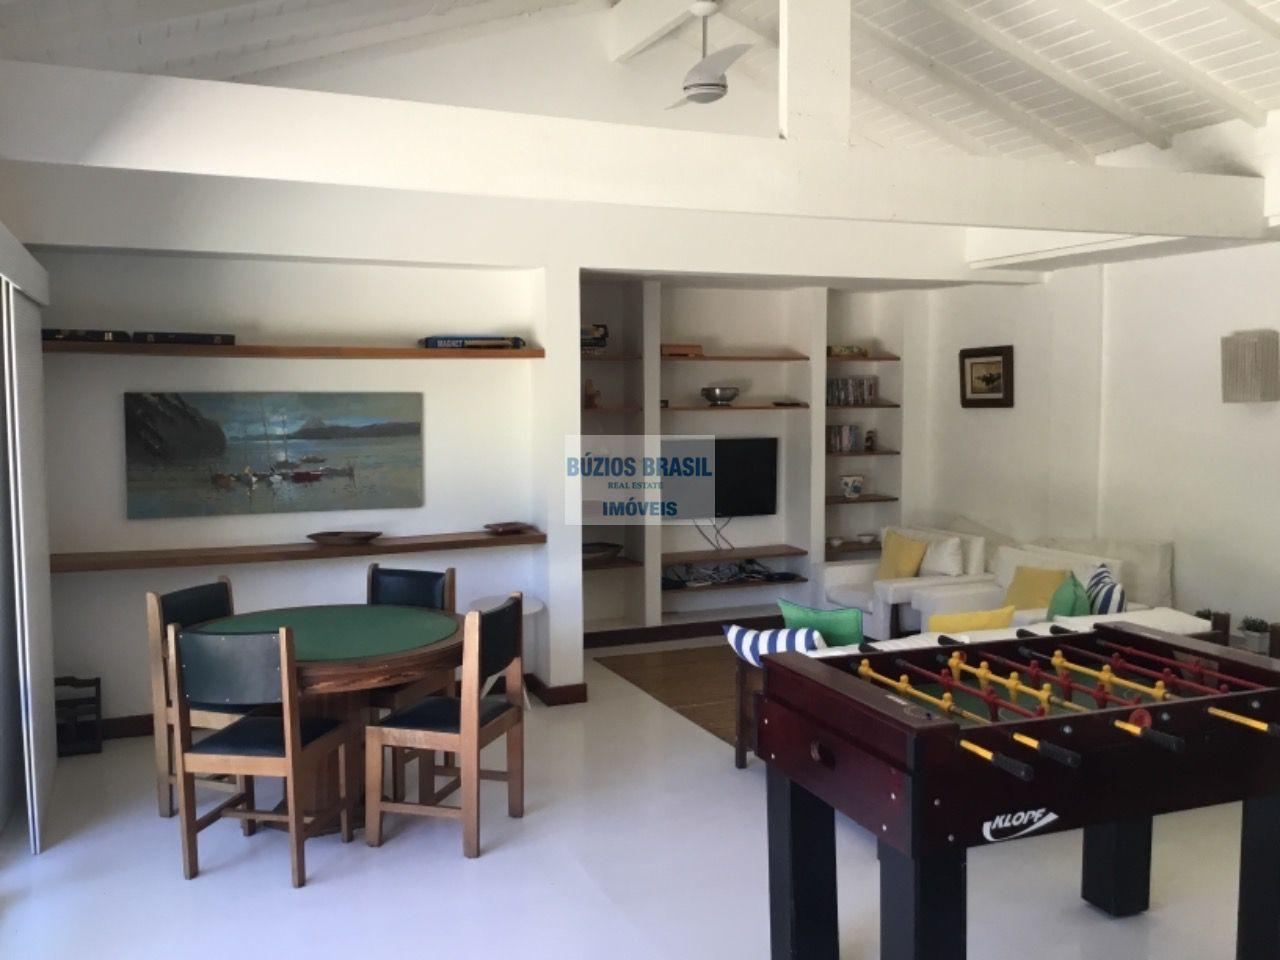 Casa 7 quartos para alugar - LTFR1 - 39